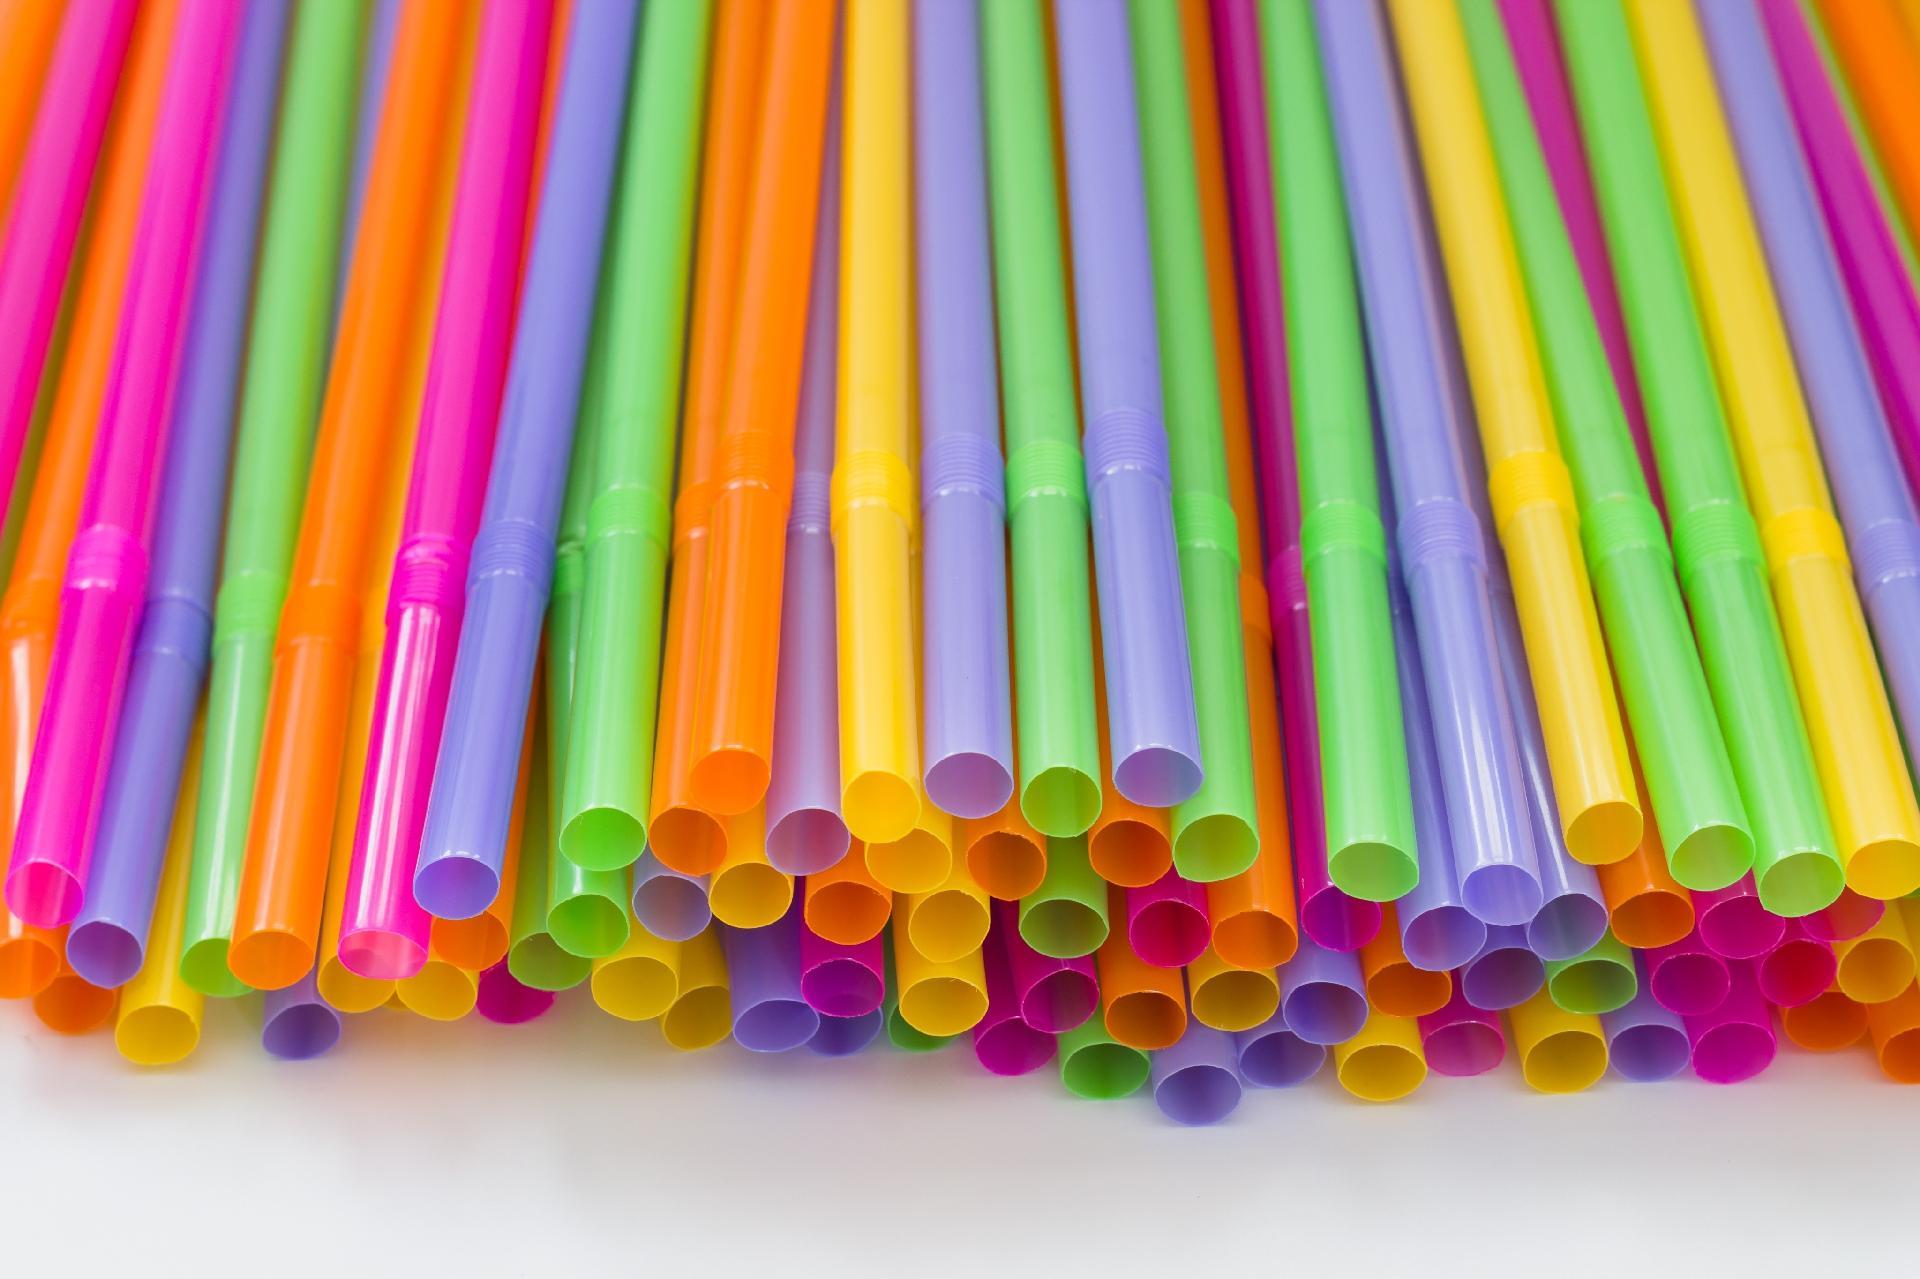 Vereadores de São Paulo aprovam proibição de canudos de plástico na cidade